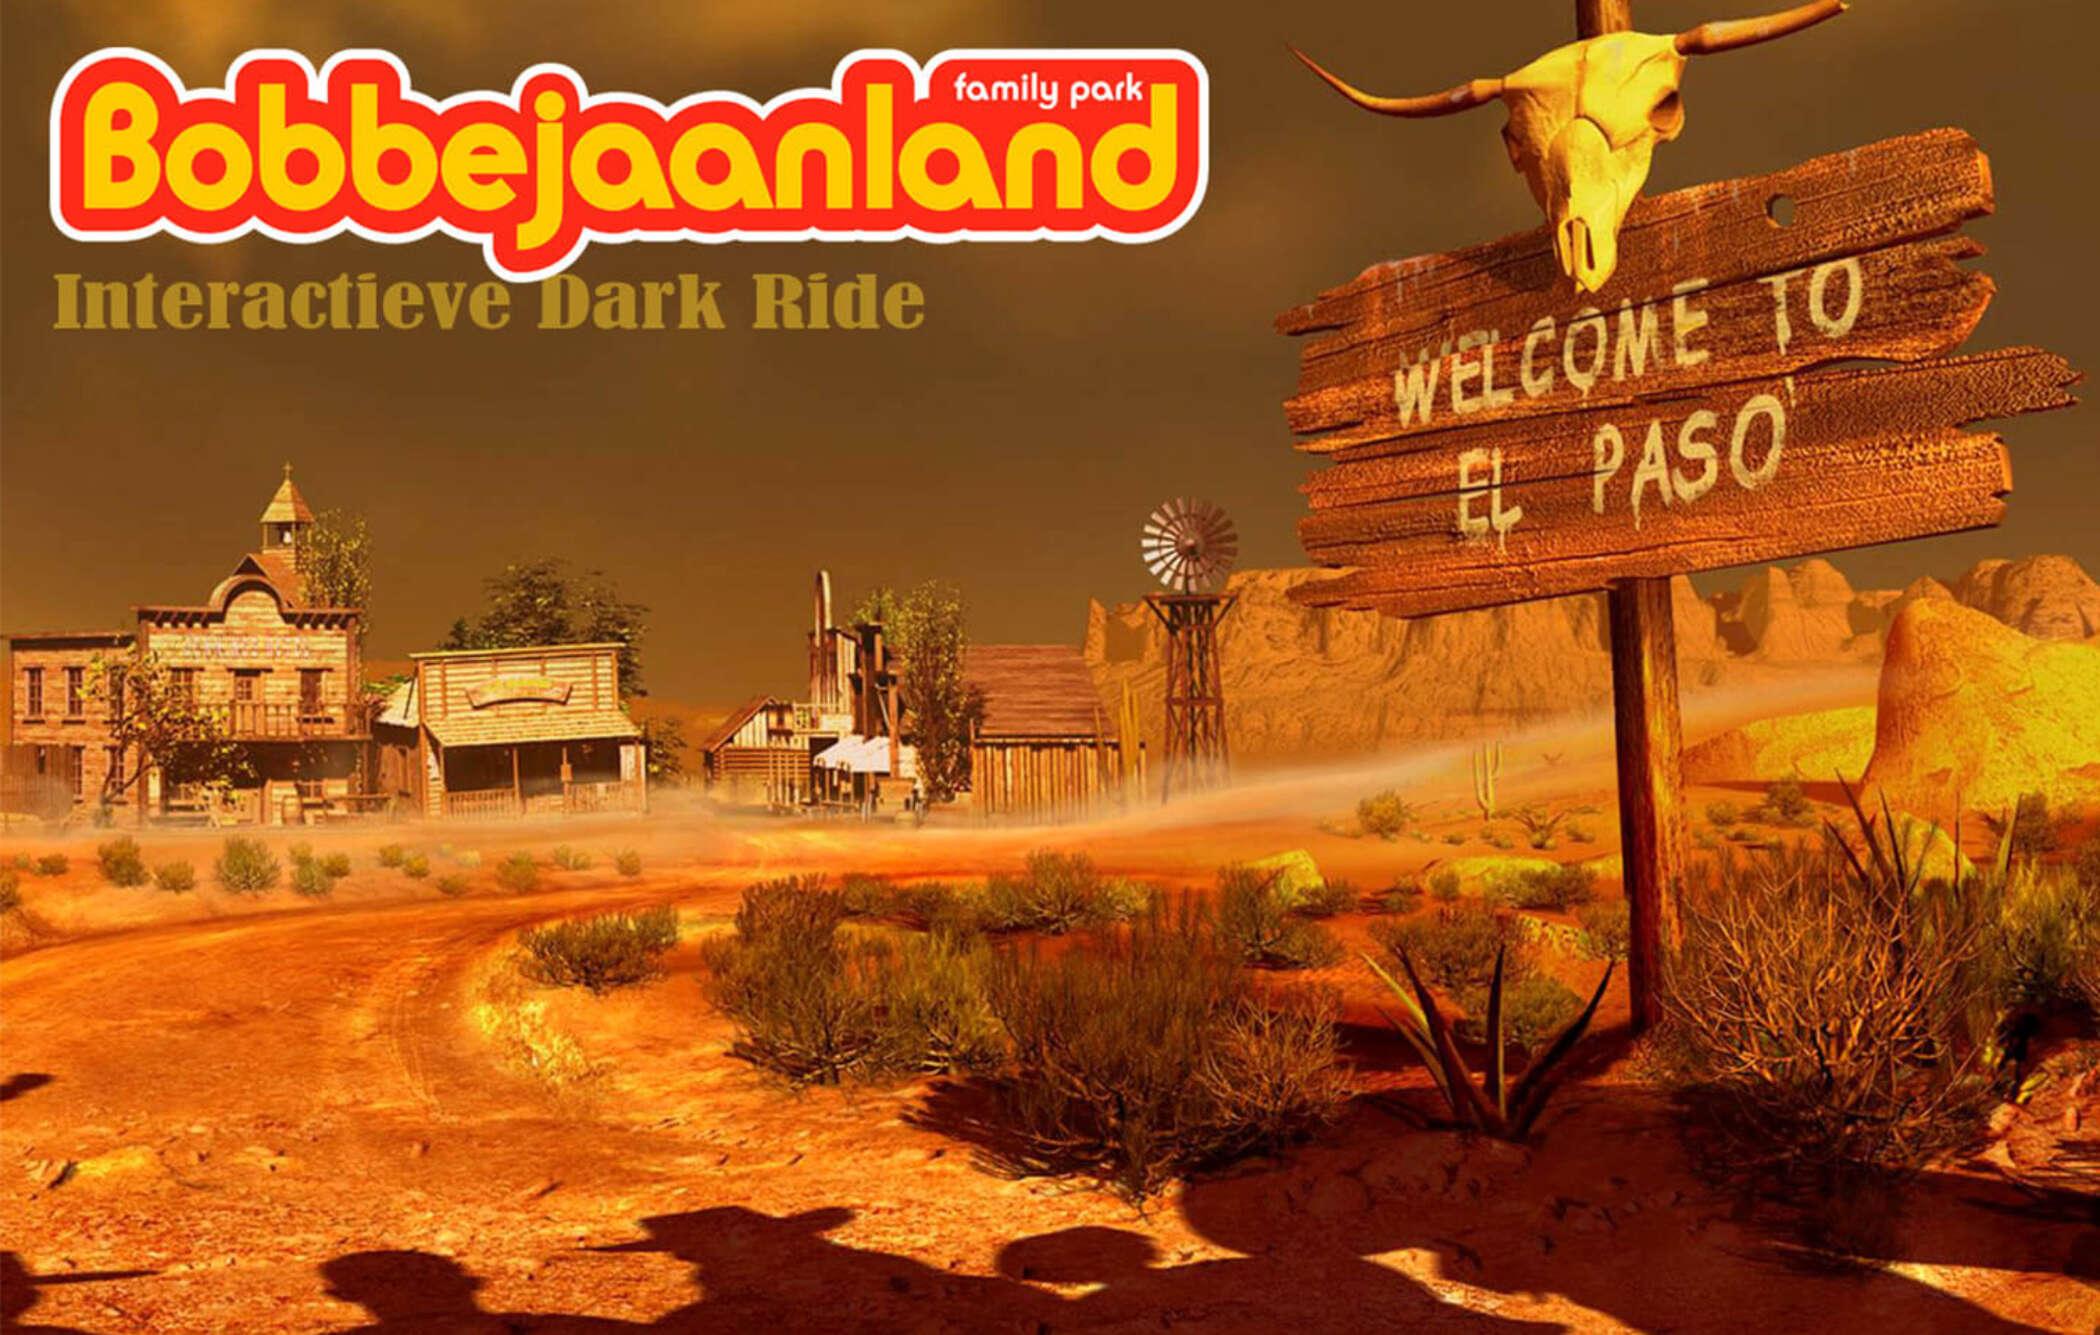 Bobbejaanland El Paso 10